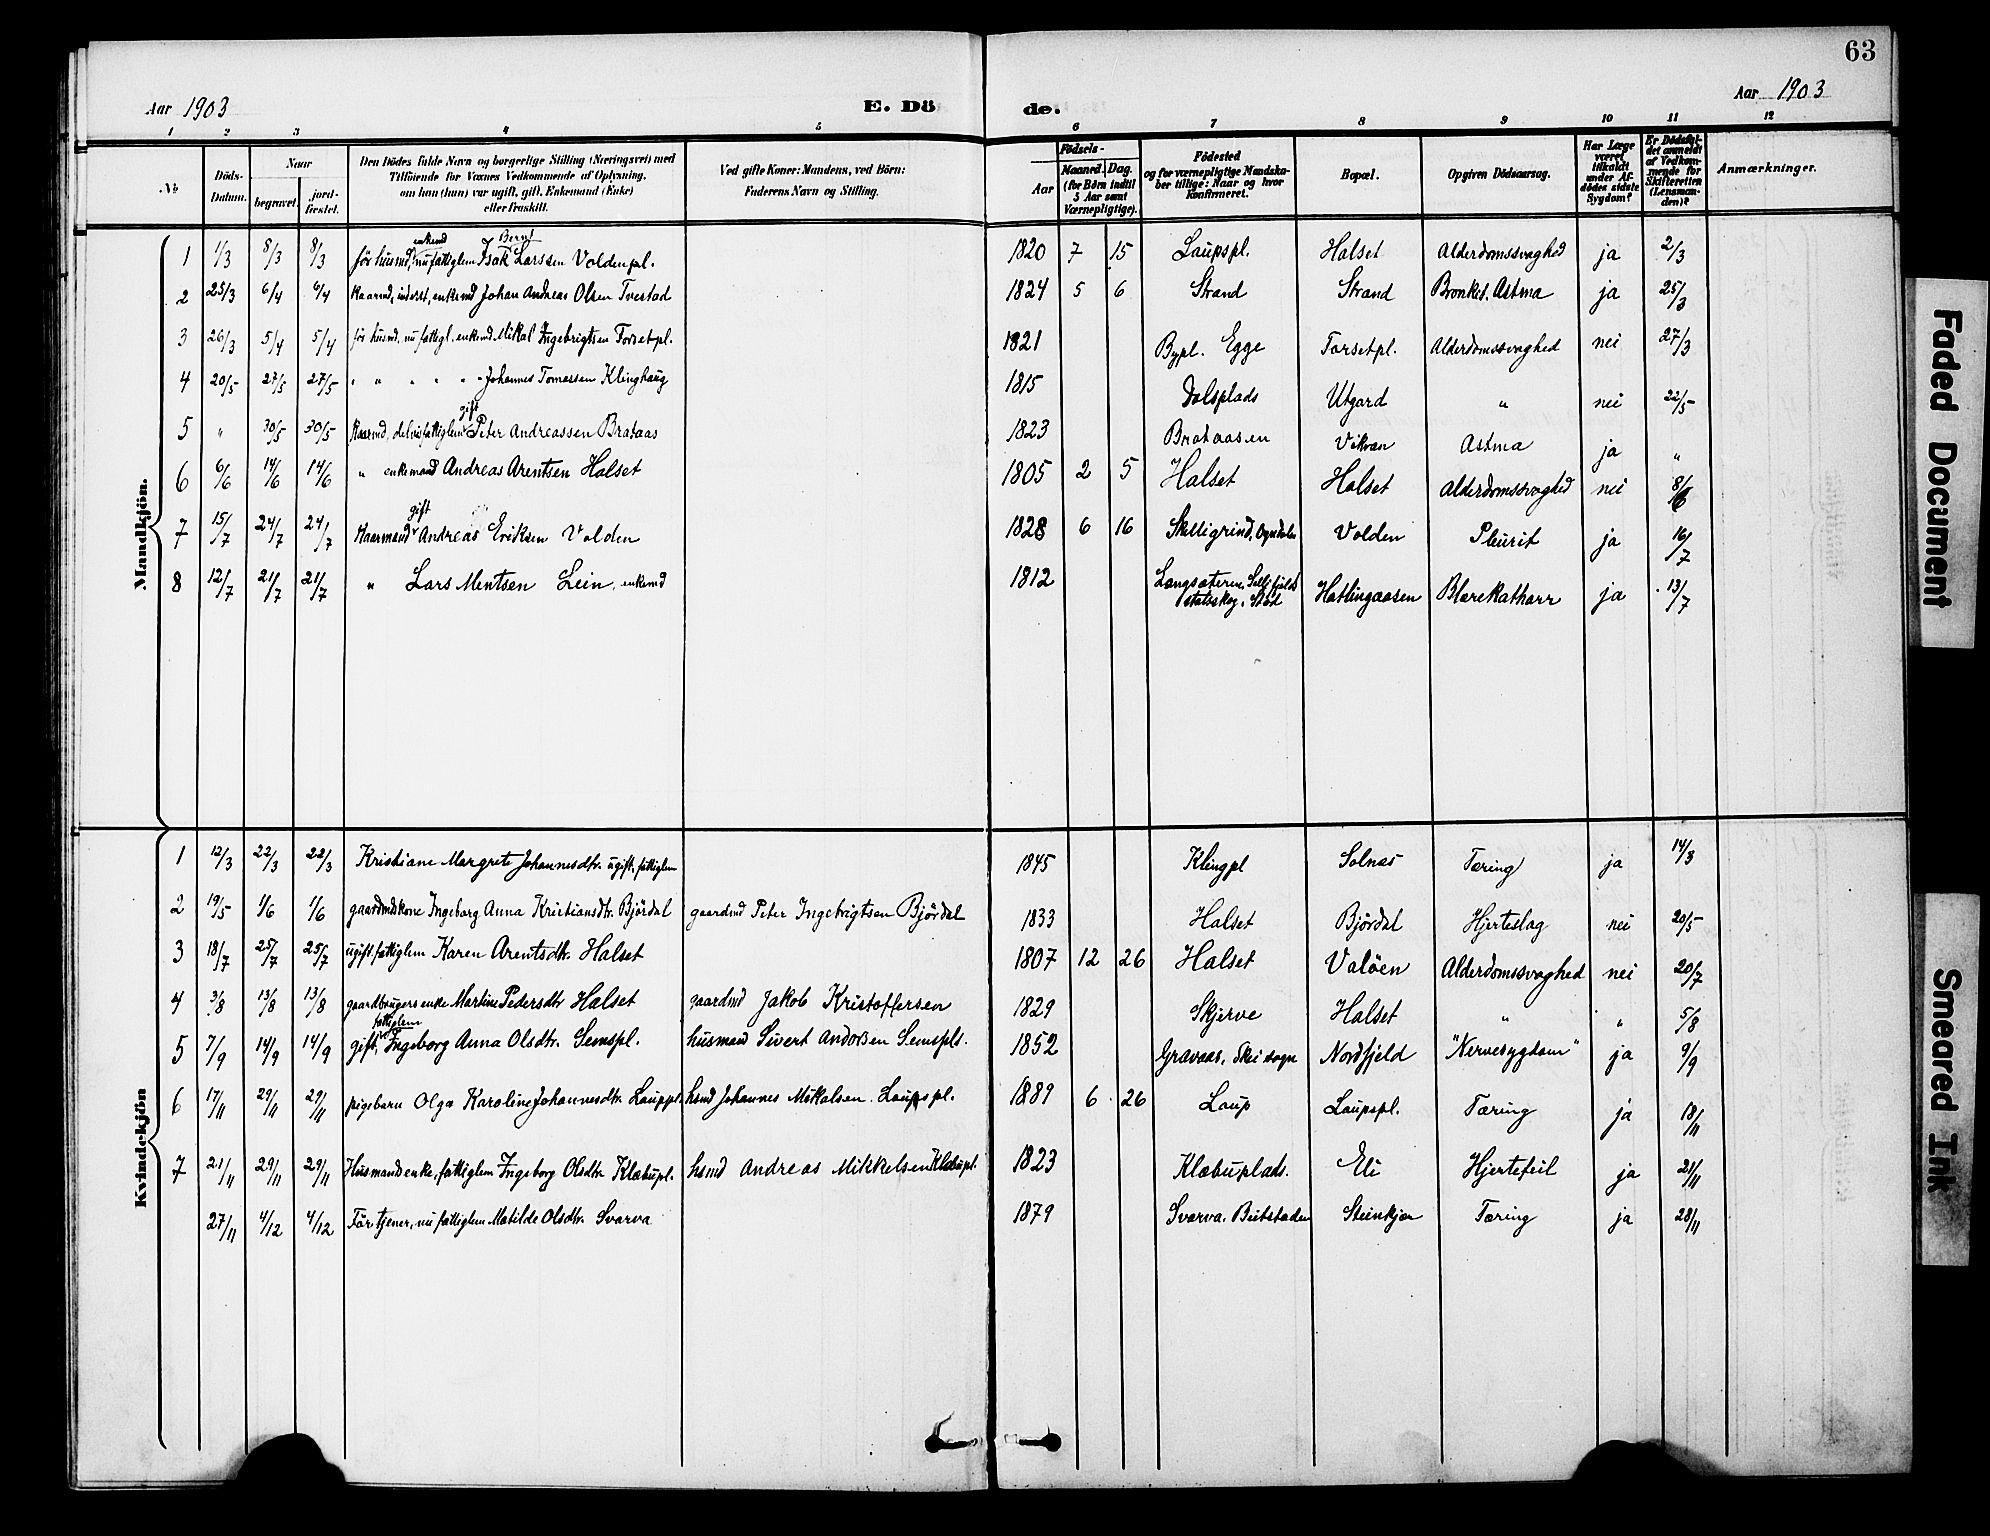 SAT, Ministerialprotokoller, klokkerbøker og fødselsregistre - Nord-Trøndelag, 746/L0452: Ministerialbok nr. 746A09, 1900-1908, s. 63